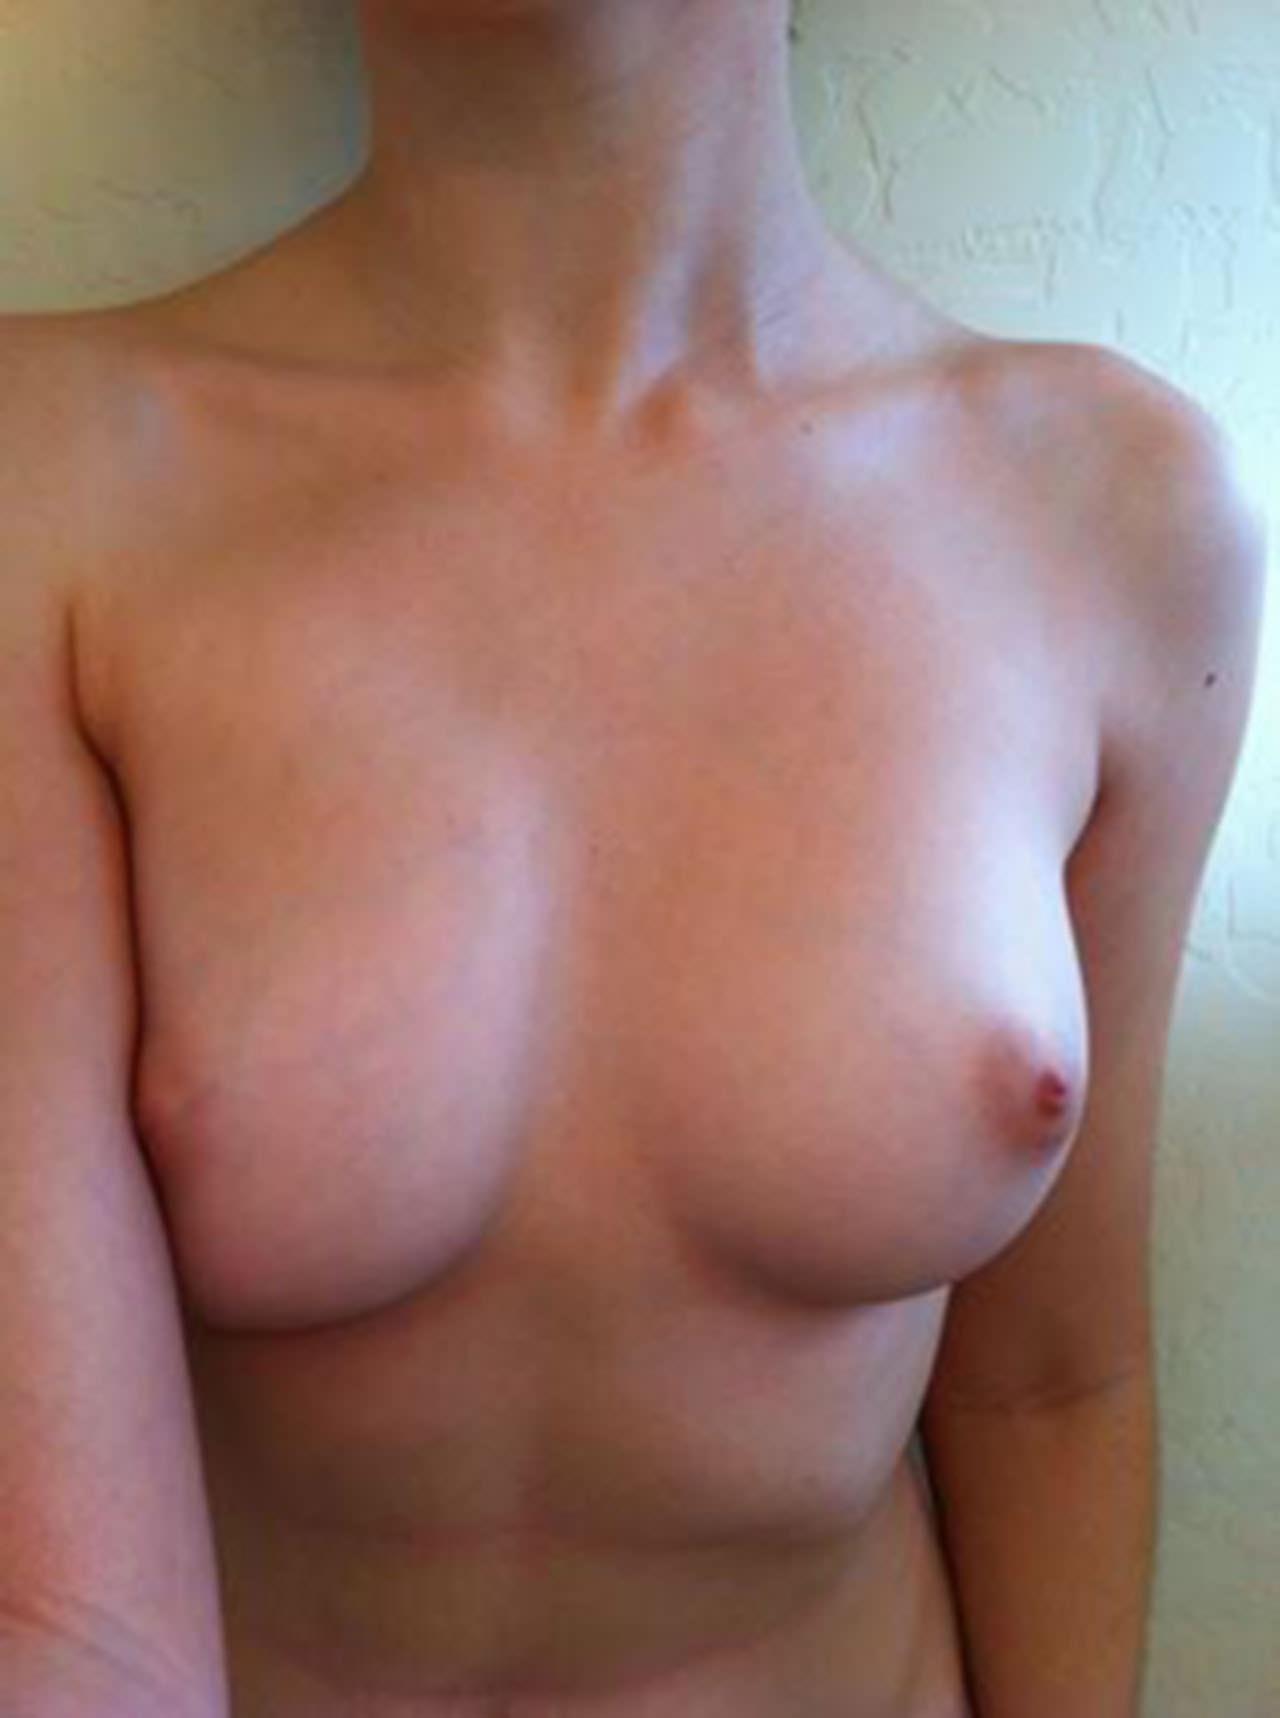 【外人】メンヘラ度全開のロシアンパイパン美少女の自画撮りライブチャットポルノ画像 2582